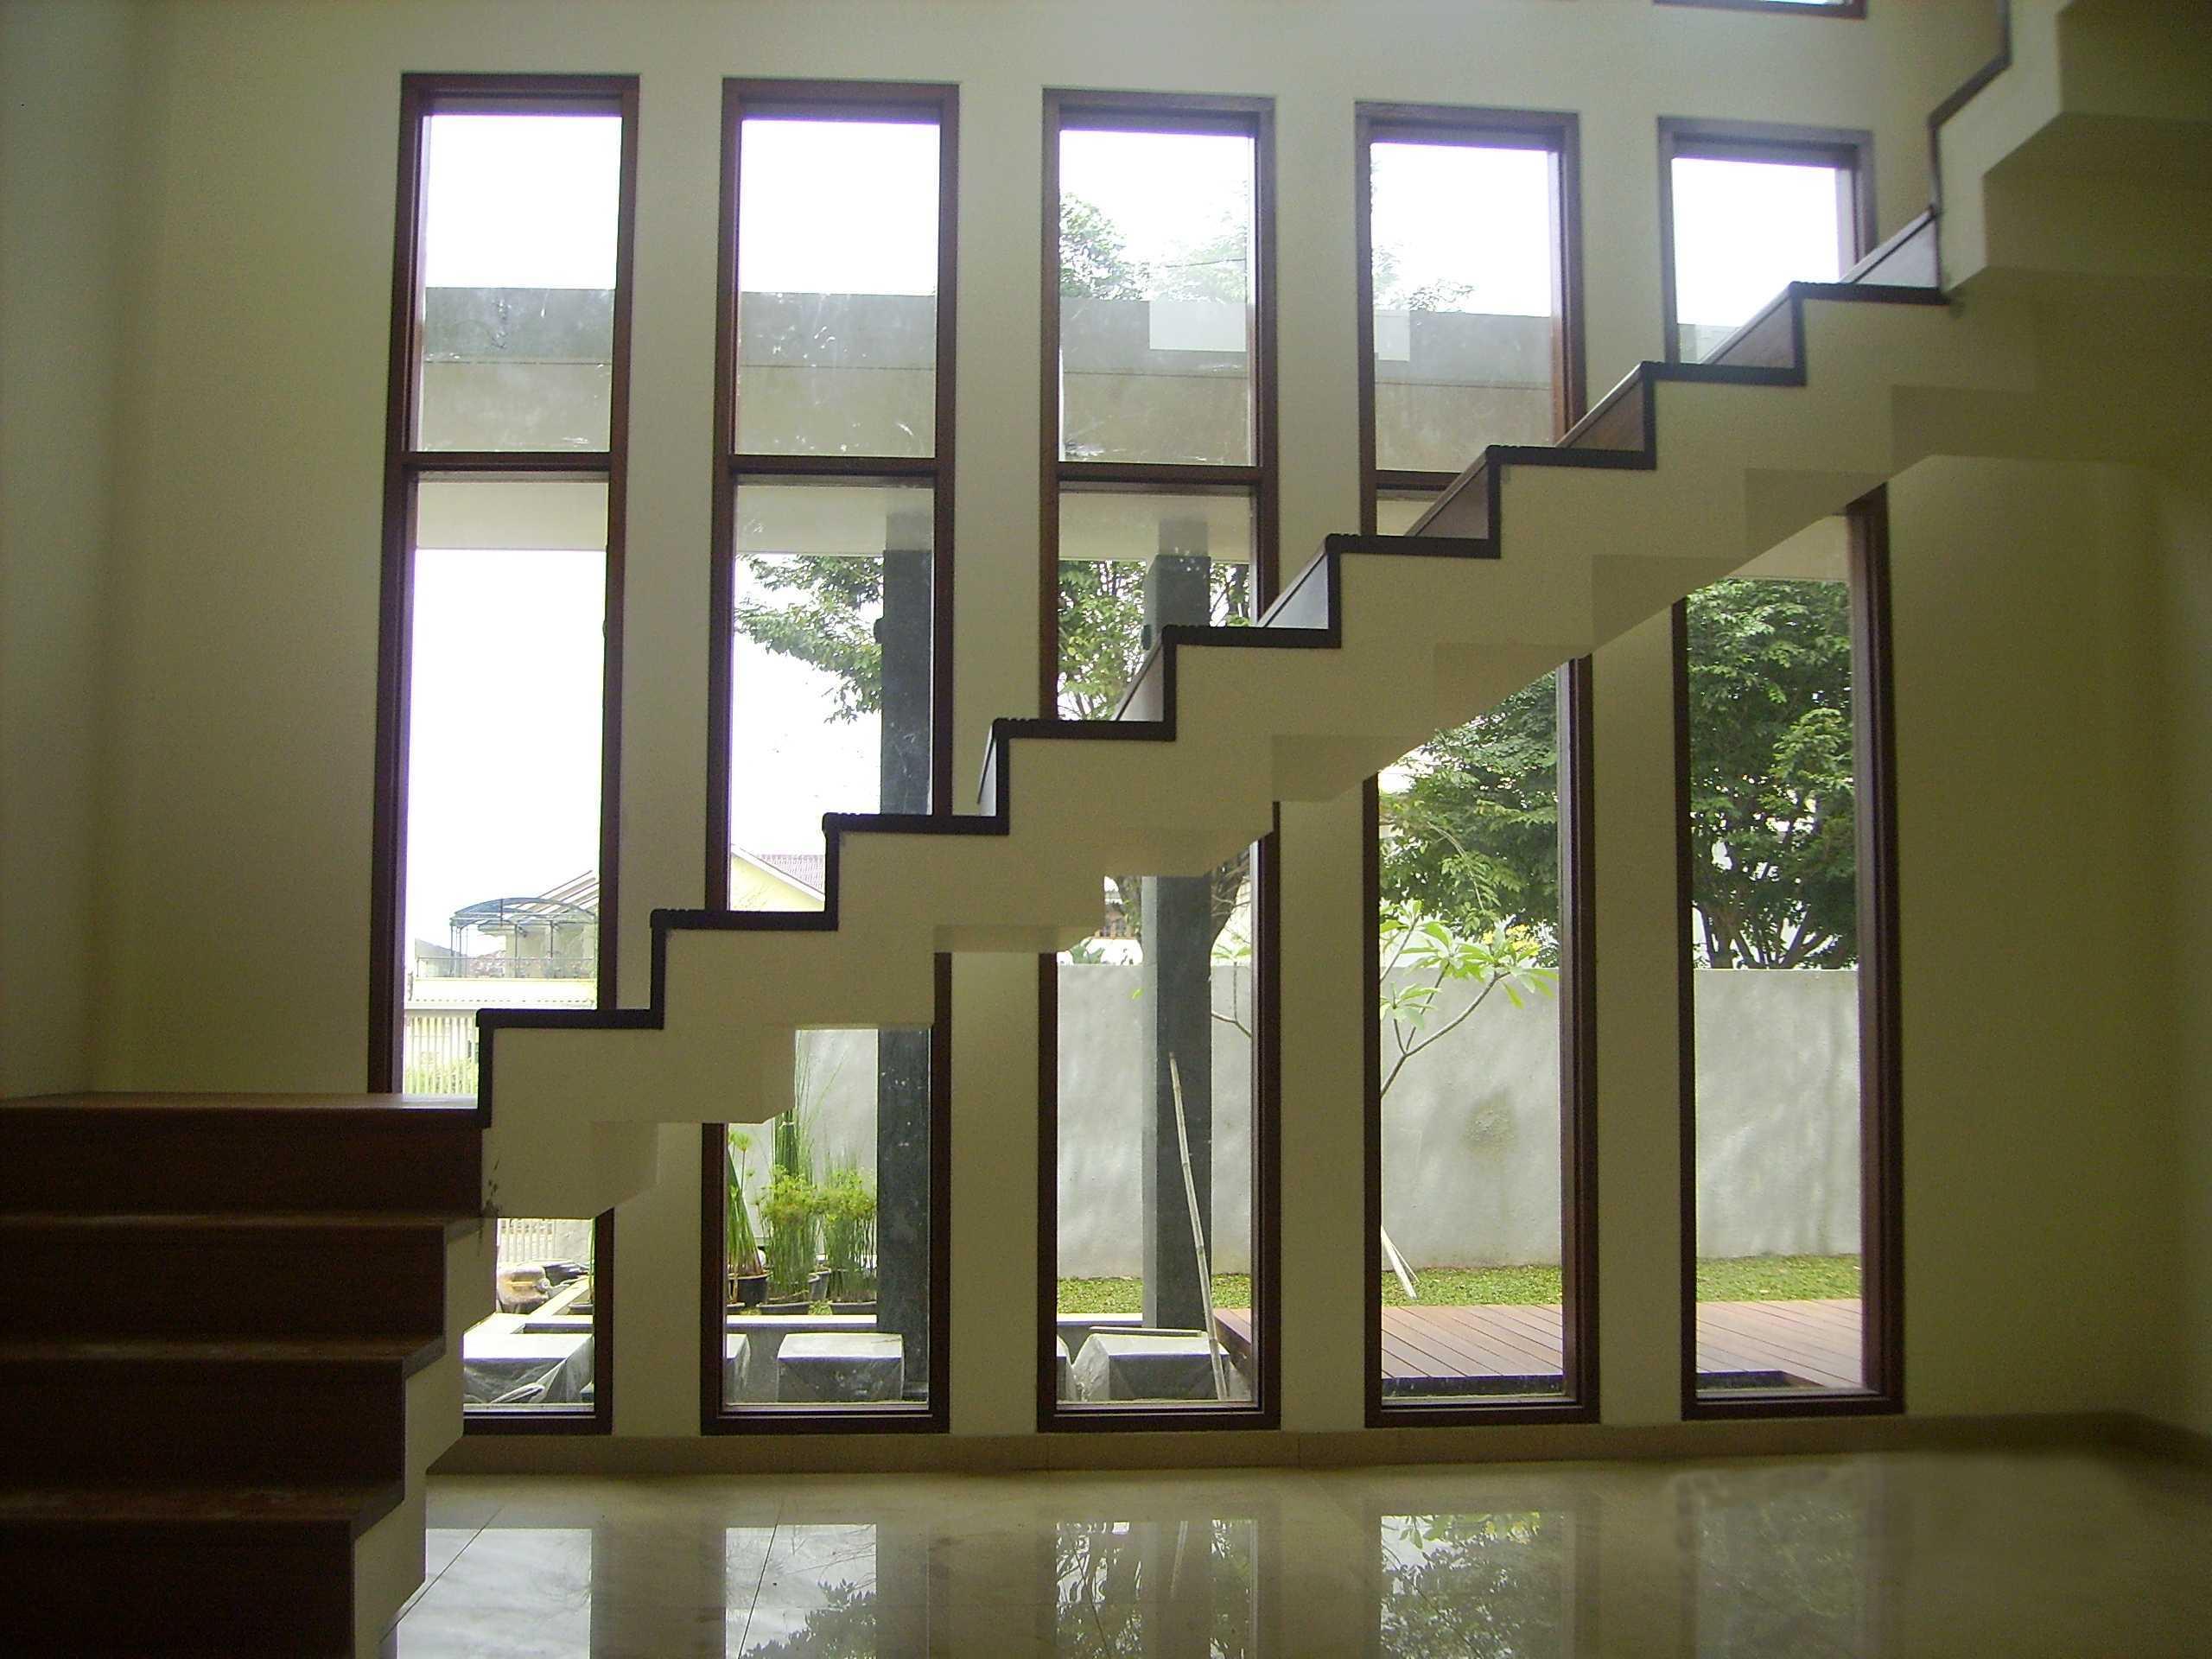 Kurniadi Sugiarta Modern Land Dl Modern Land, Tangerang Modern Land, Tangerang Stairs Modernland Tradisional,tropis,modern  22209